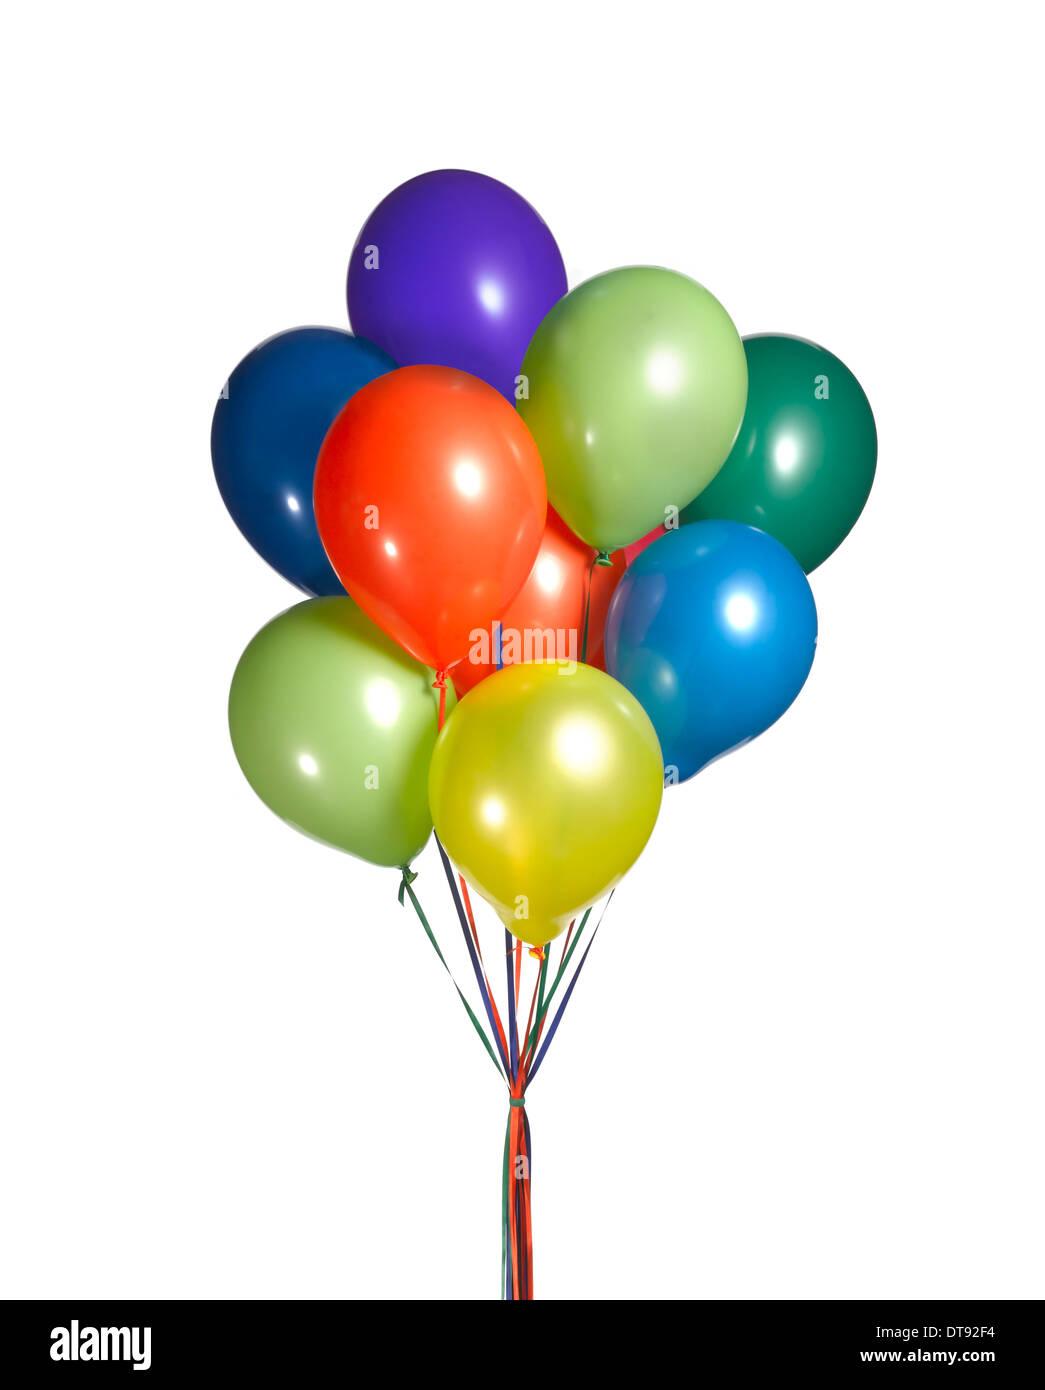 Cortar un disparo de un montón de globos. Imagen De Stock